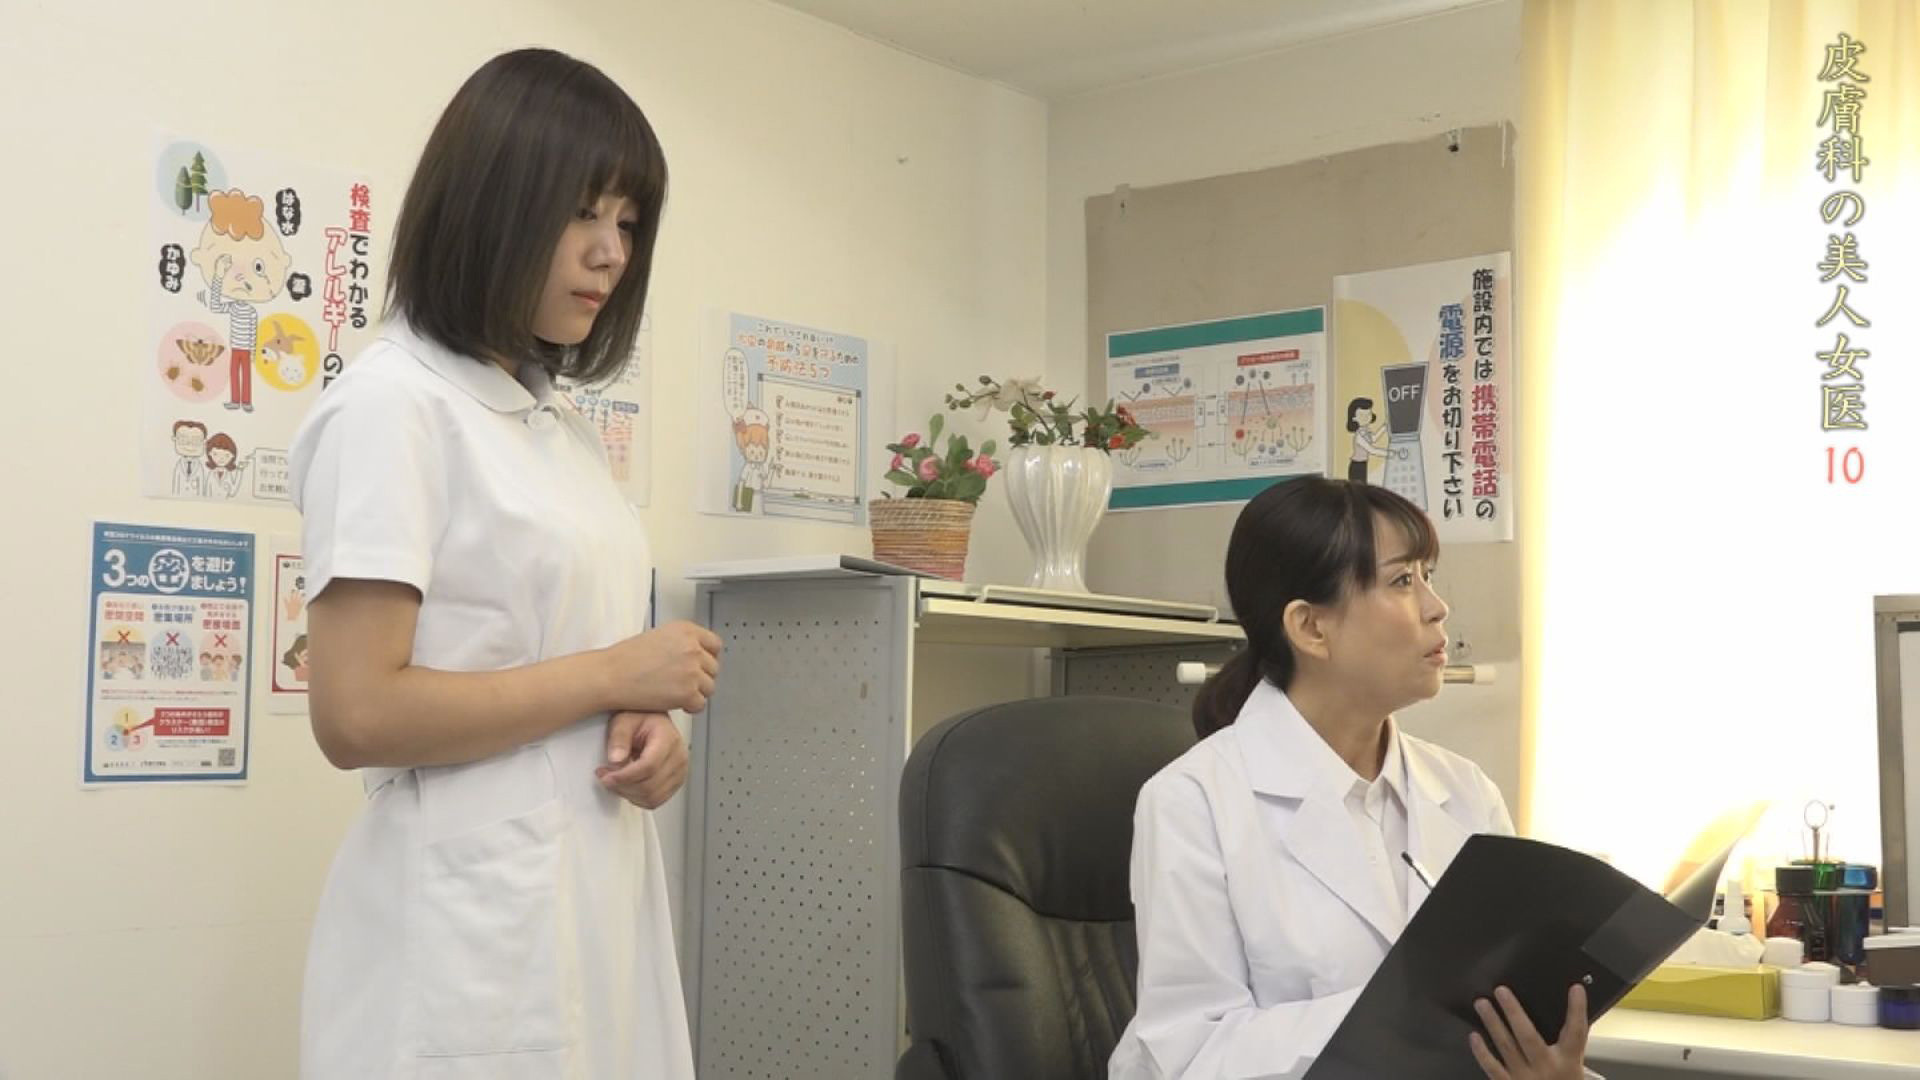 美人の先生がいる皮膚科に行って腫れたチンコを診てもらう流れでヌイてもらいたい(10) 画像1